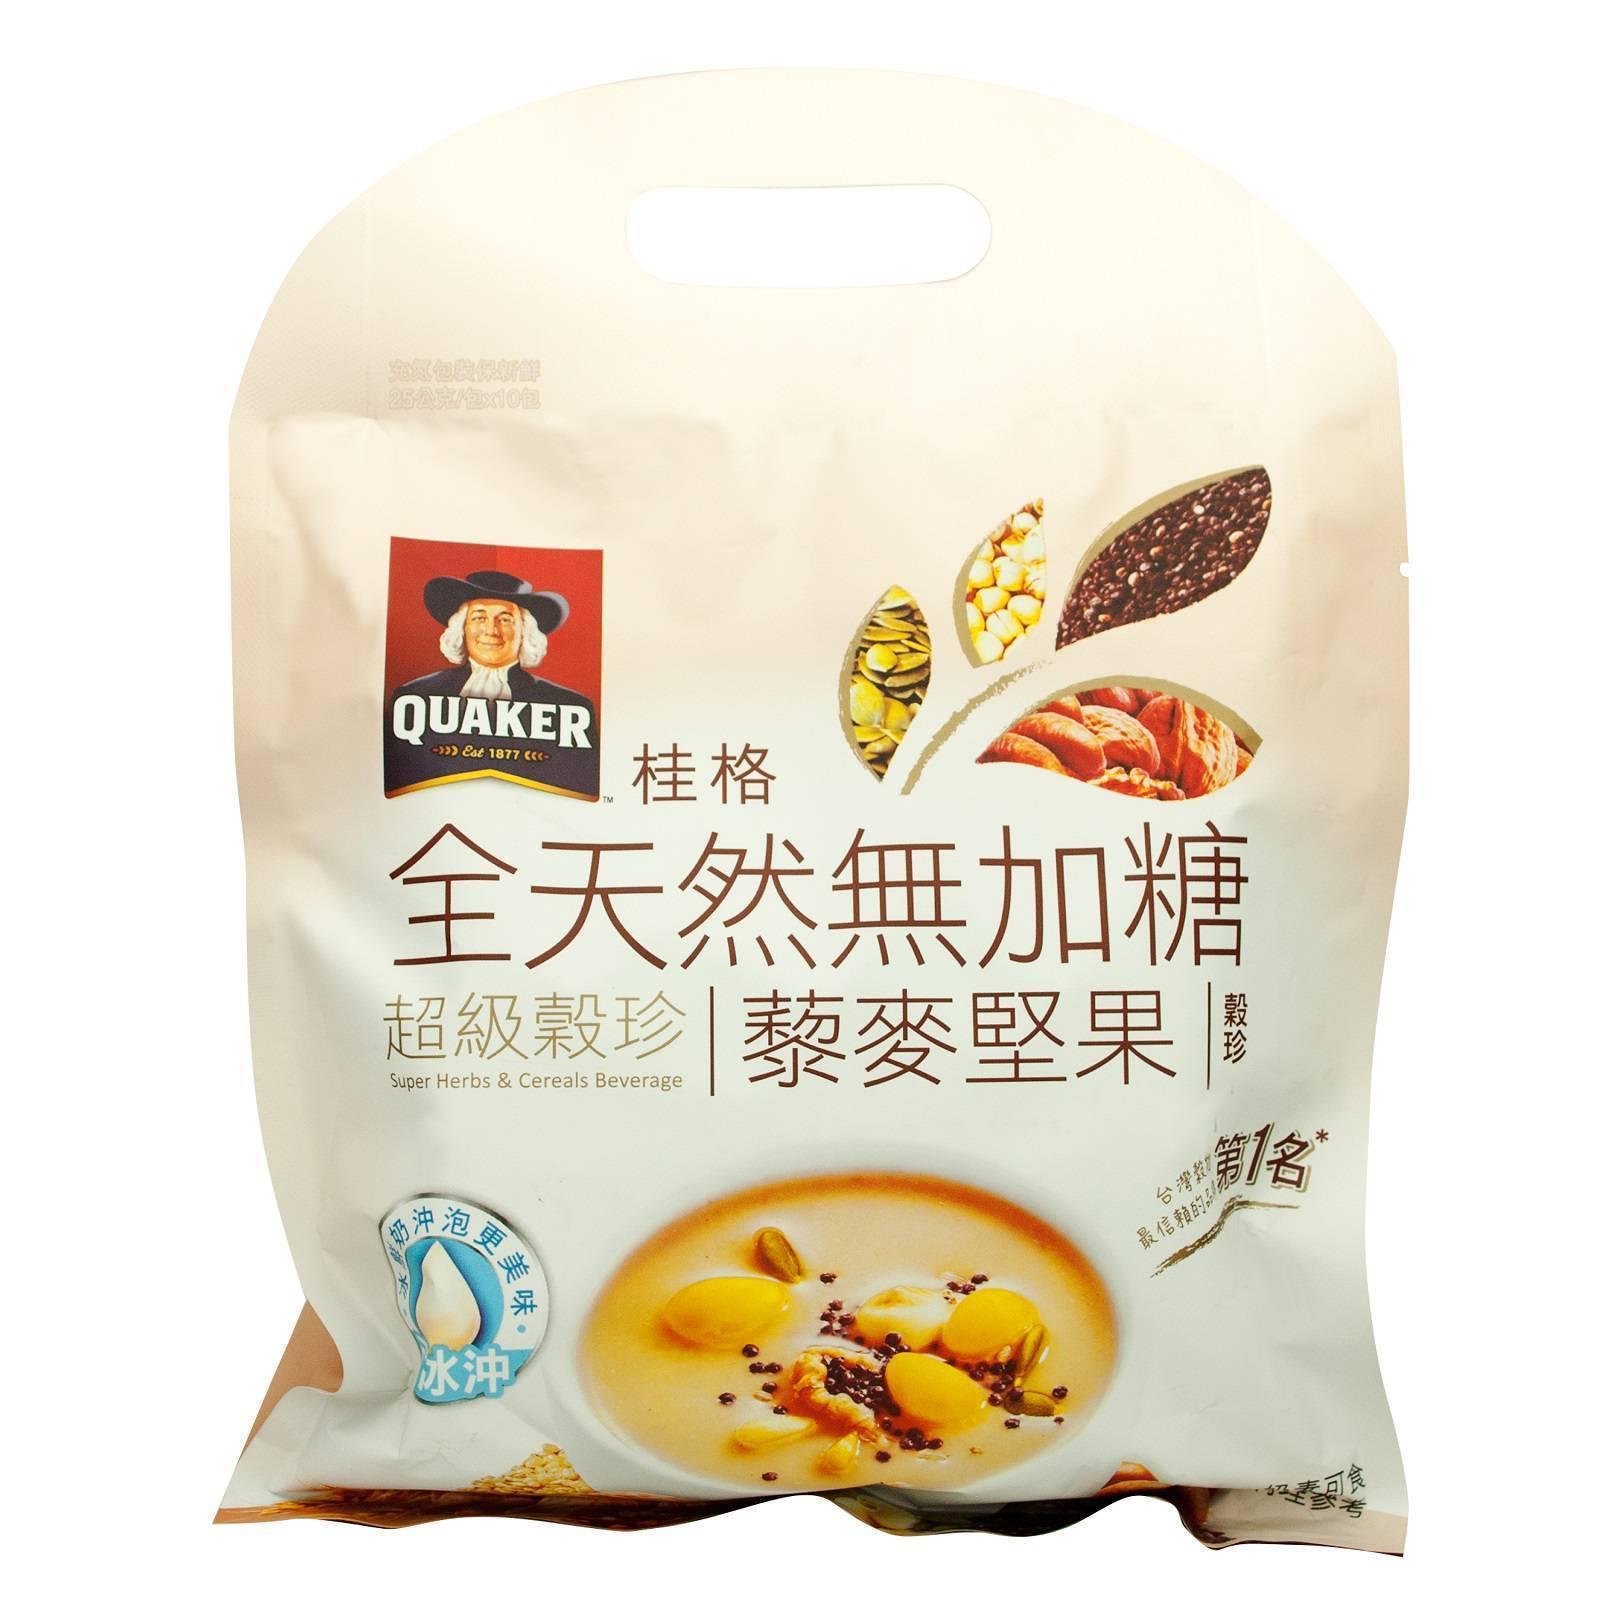 QUAKER Super Herbs and Cereals Beverages No Sugar Quinoas